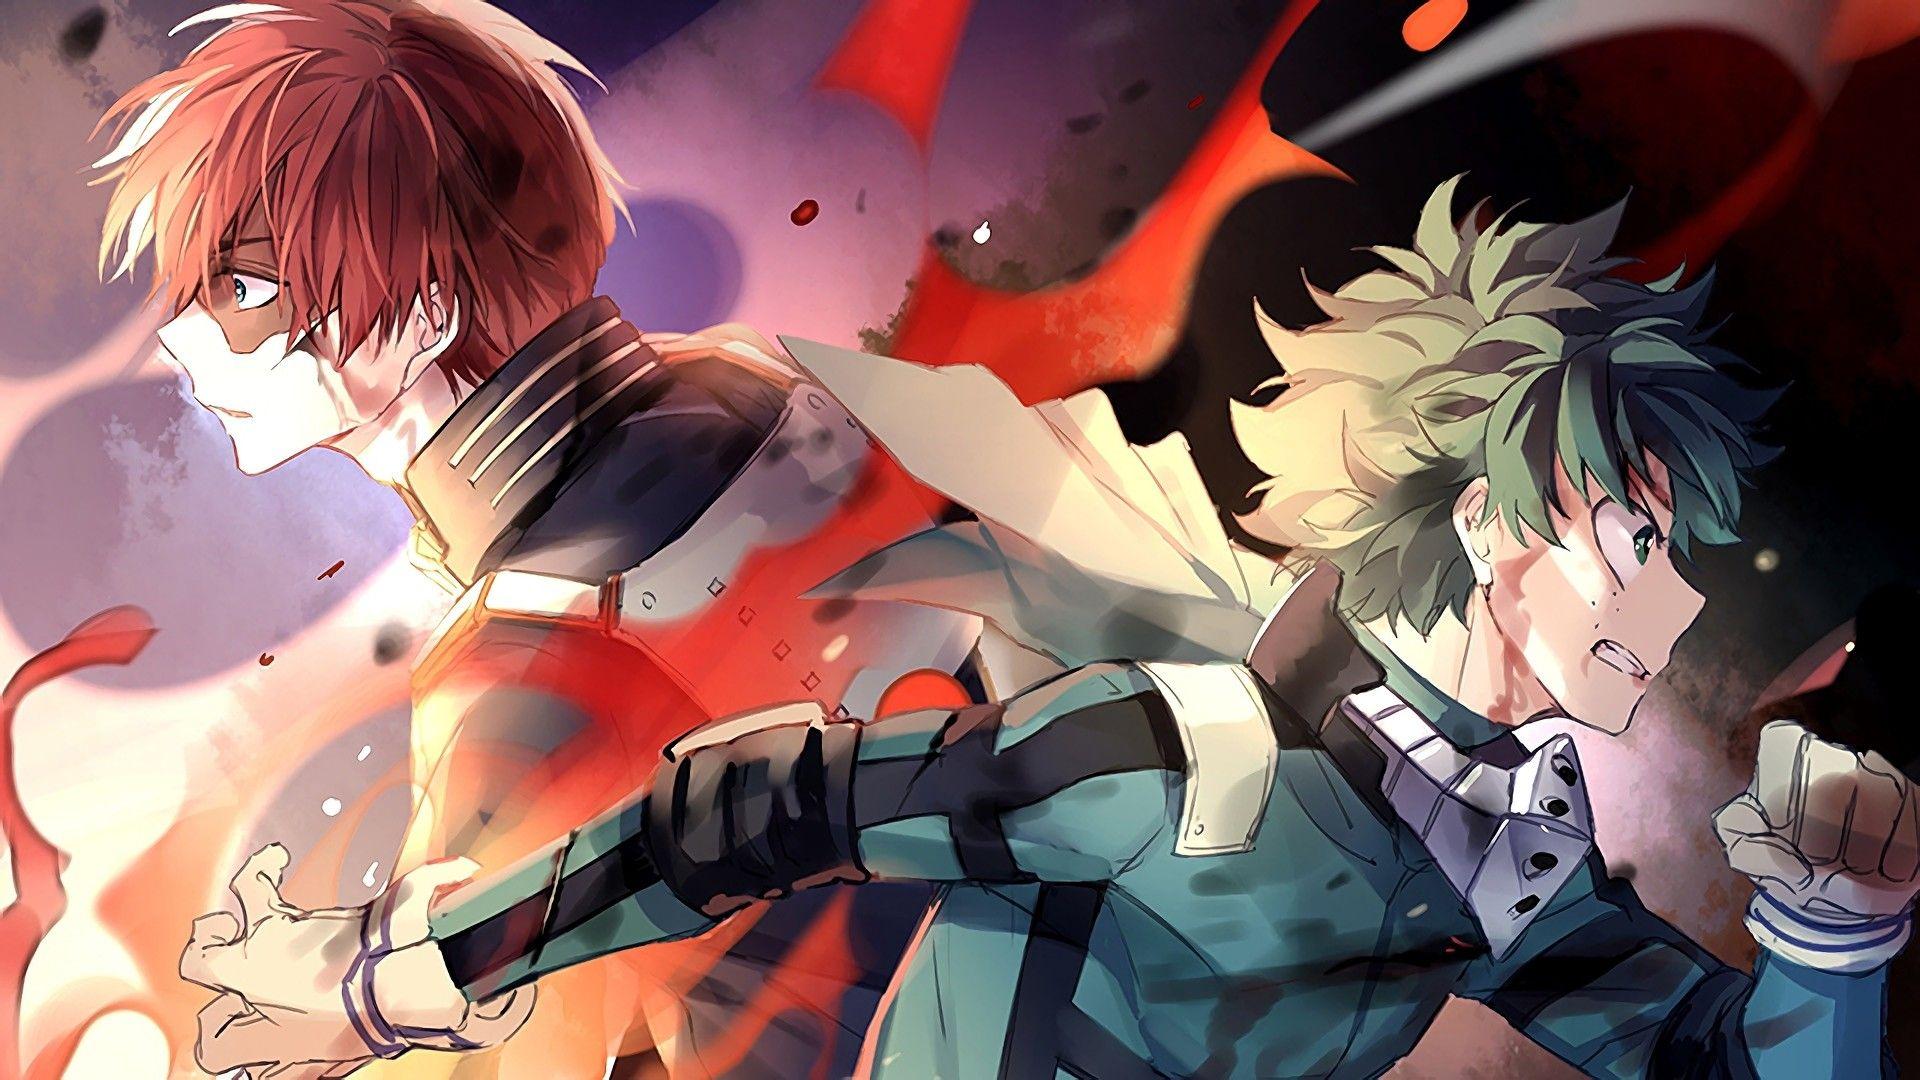 Boku No Hero Anime Wallpaper My Hero Hero Wallpaper